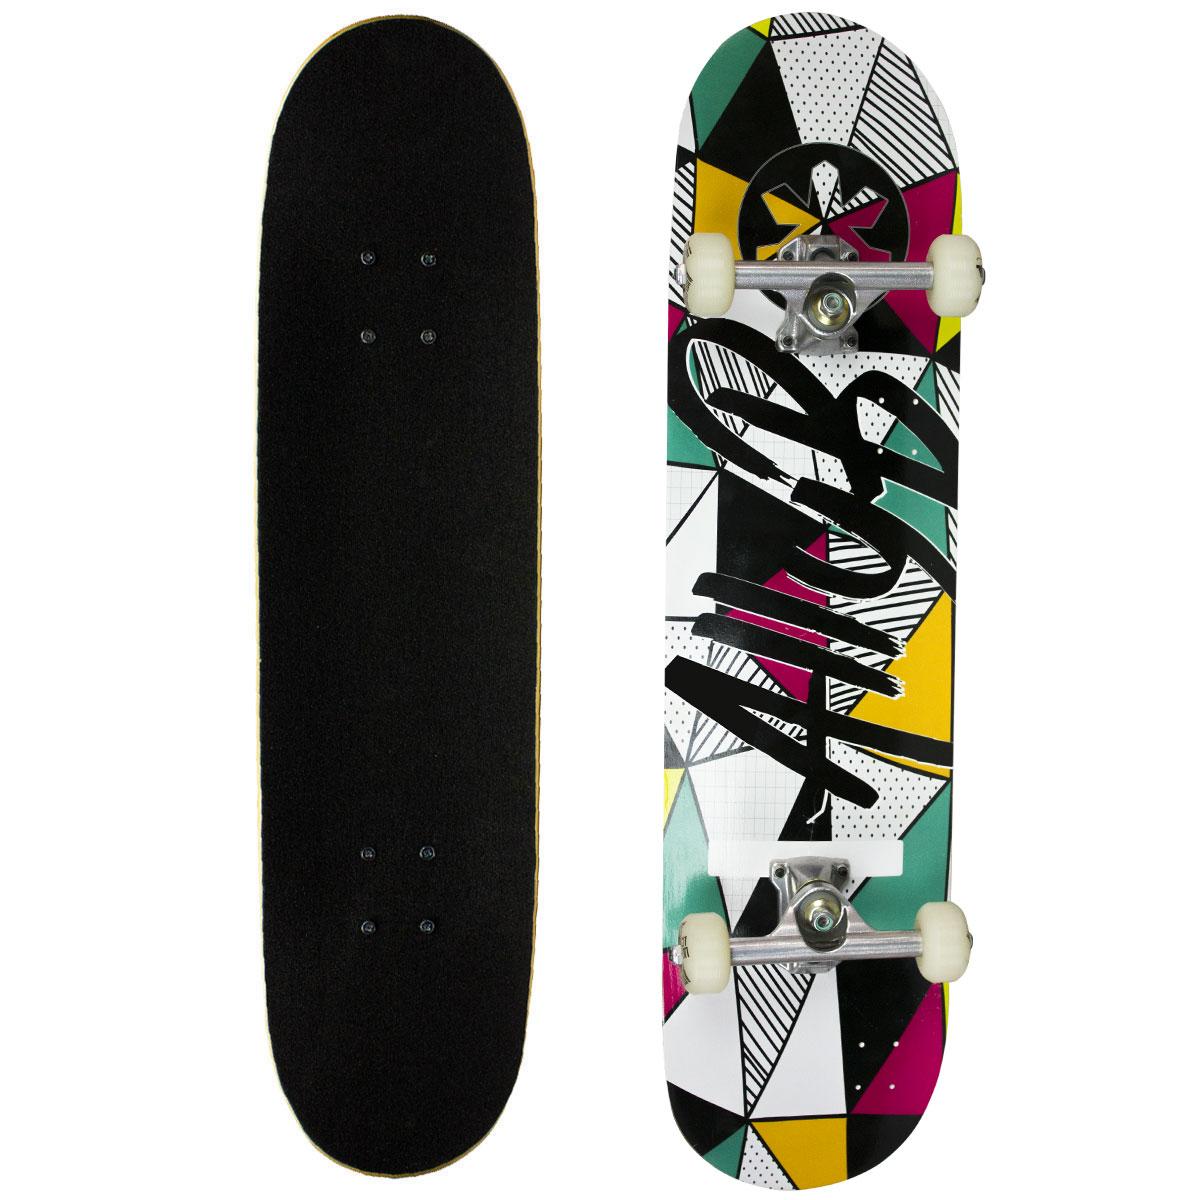 Skate Street Montado Completo Iniciante